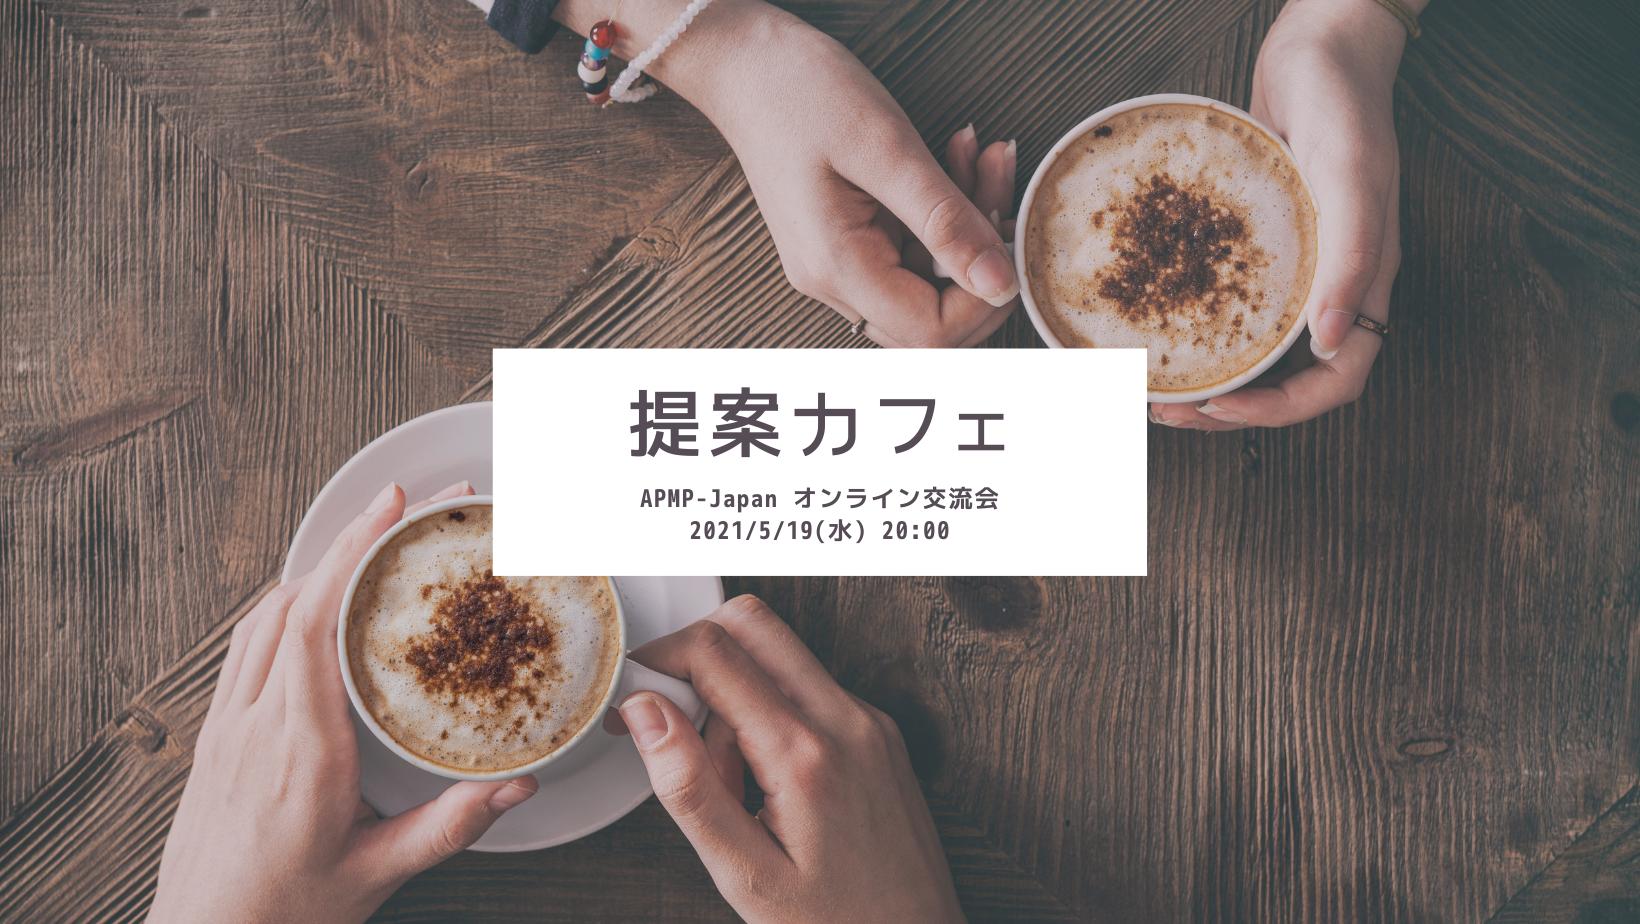 2021年5月19日(水)20:00~/提案カフェ(プレオープン)